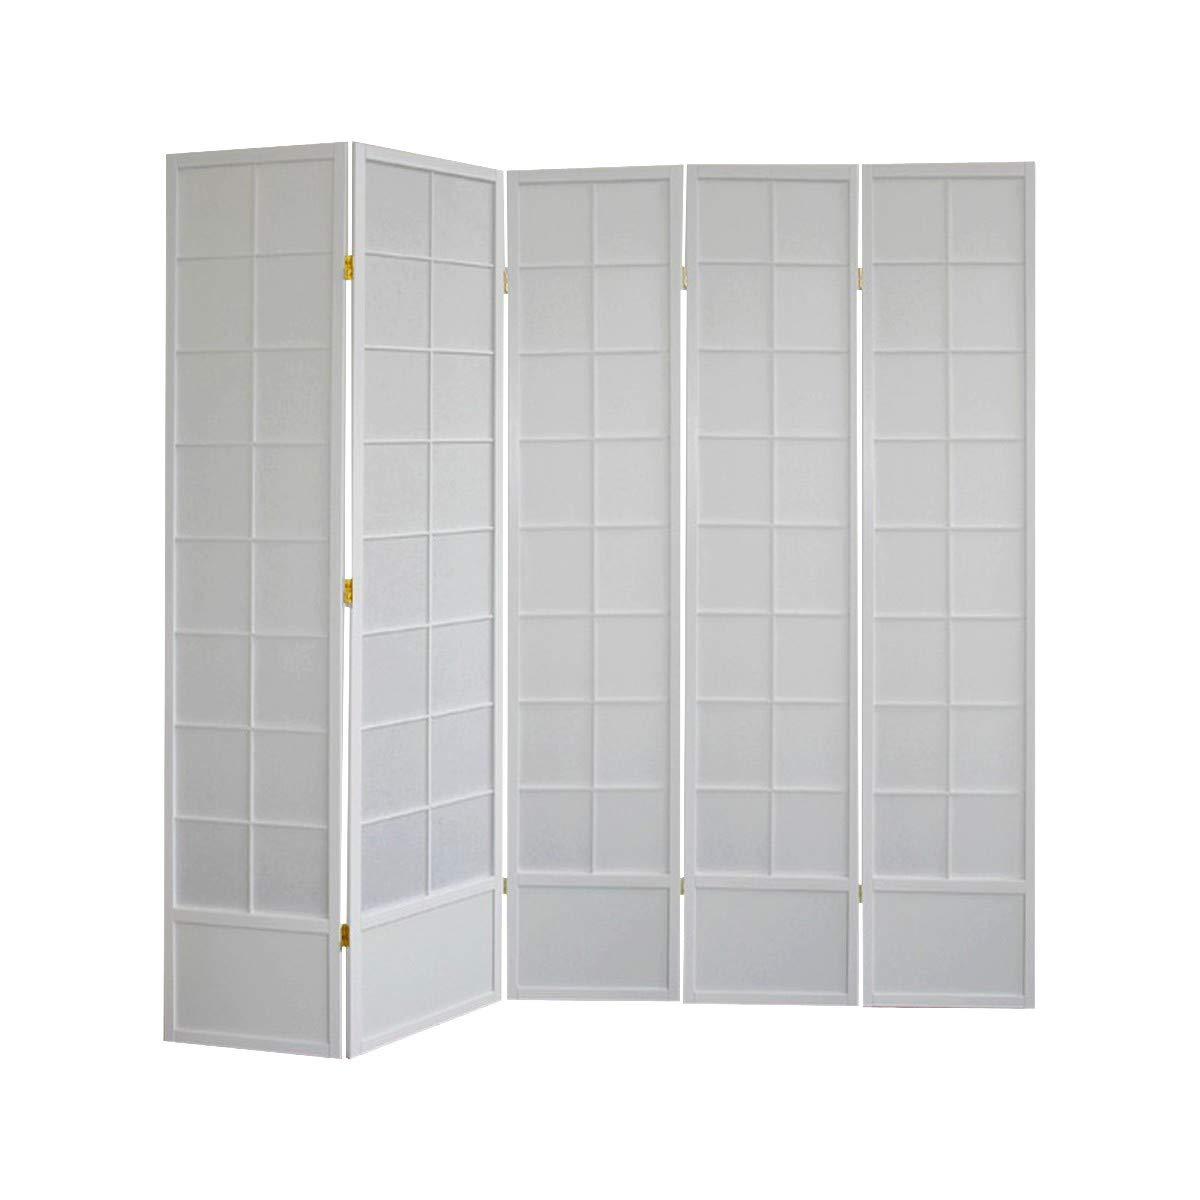 Paravents by Cilios Paravent Hoshi Style 5 - XL Weiß - 5 blickdichte Stellwand mit Shoji Art bespannt, Sondergröße 190 cm hoch dc9a30